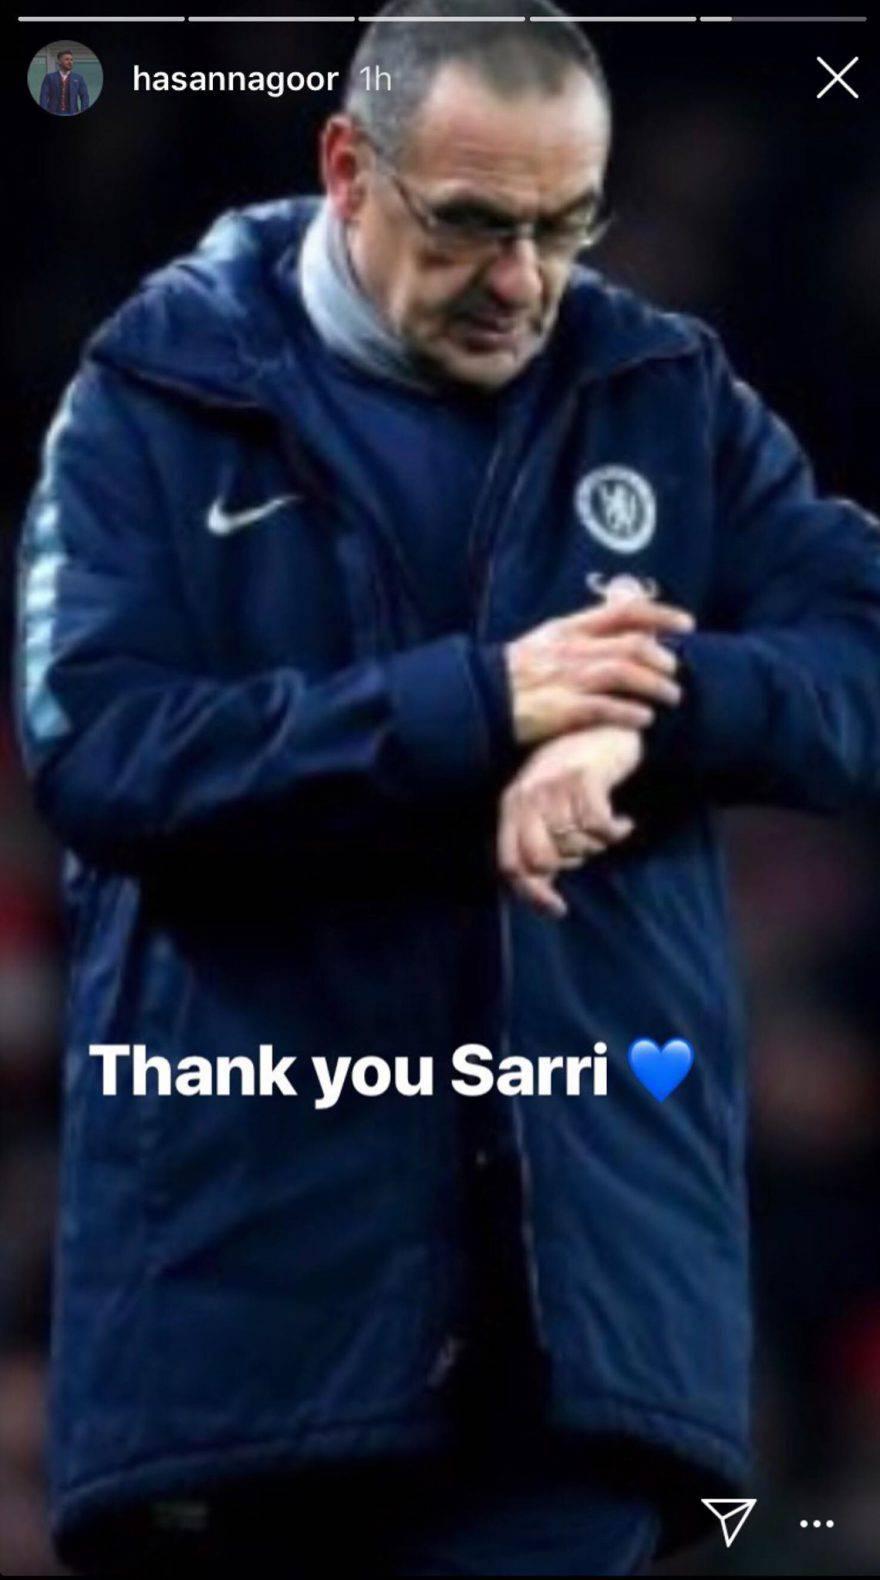 Sarri, la stories di Hasan Nagoor, azionista del Chelsea.